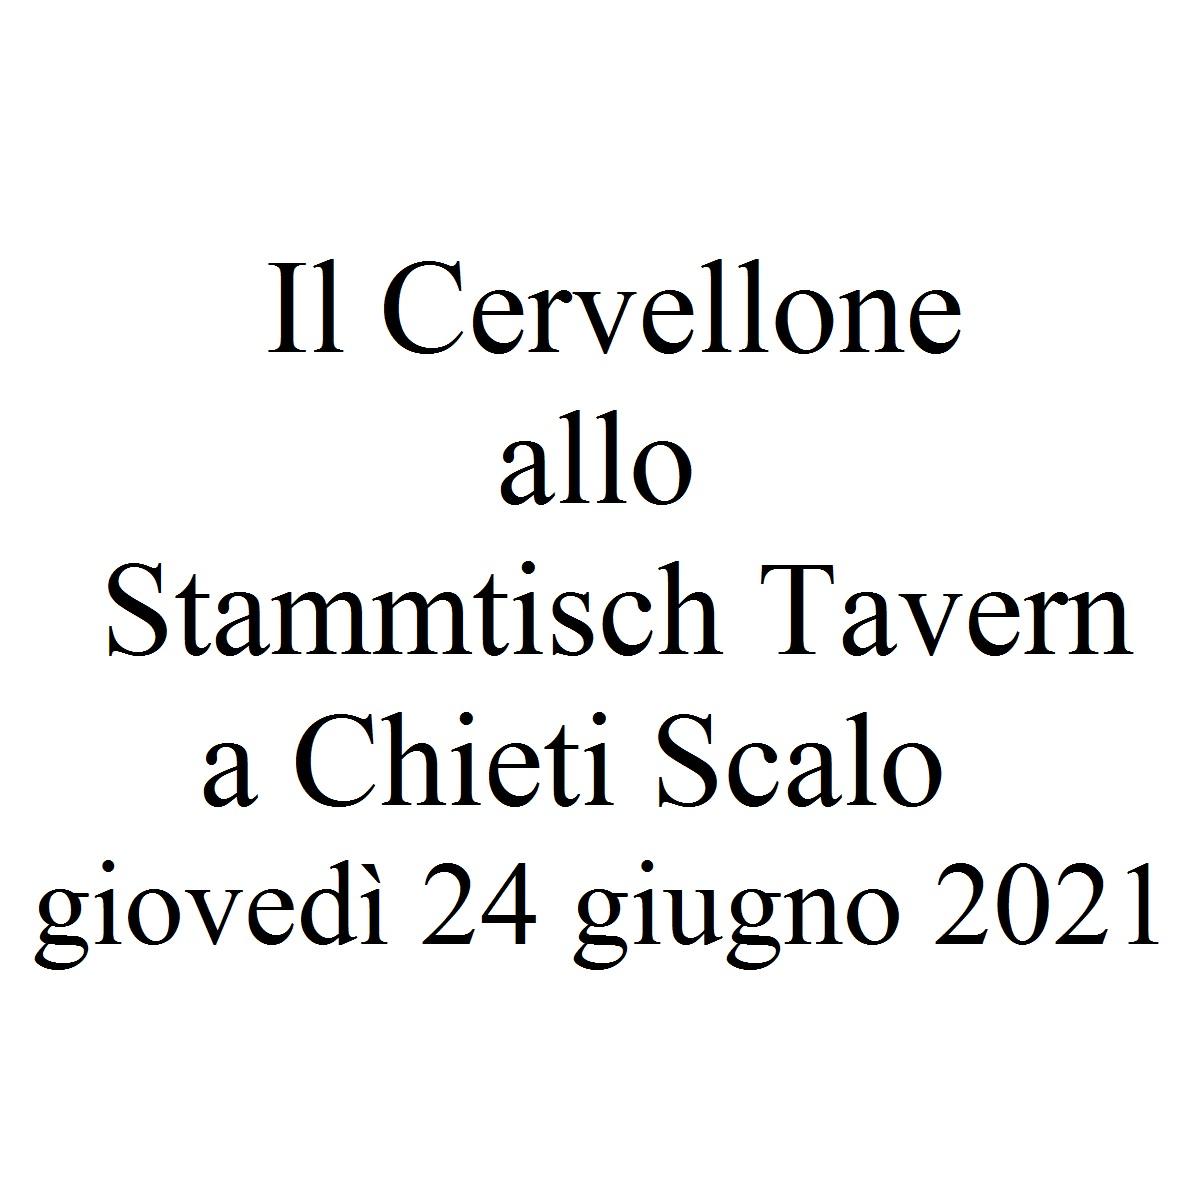 Il Cervellone allo Stammtisch Tavern a Chieti Scalo giovedì 24 giugno 2021 foto